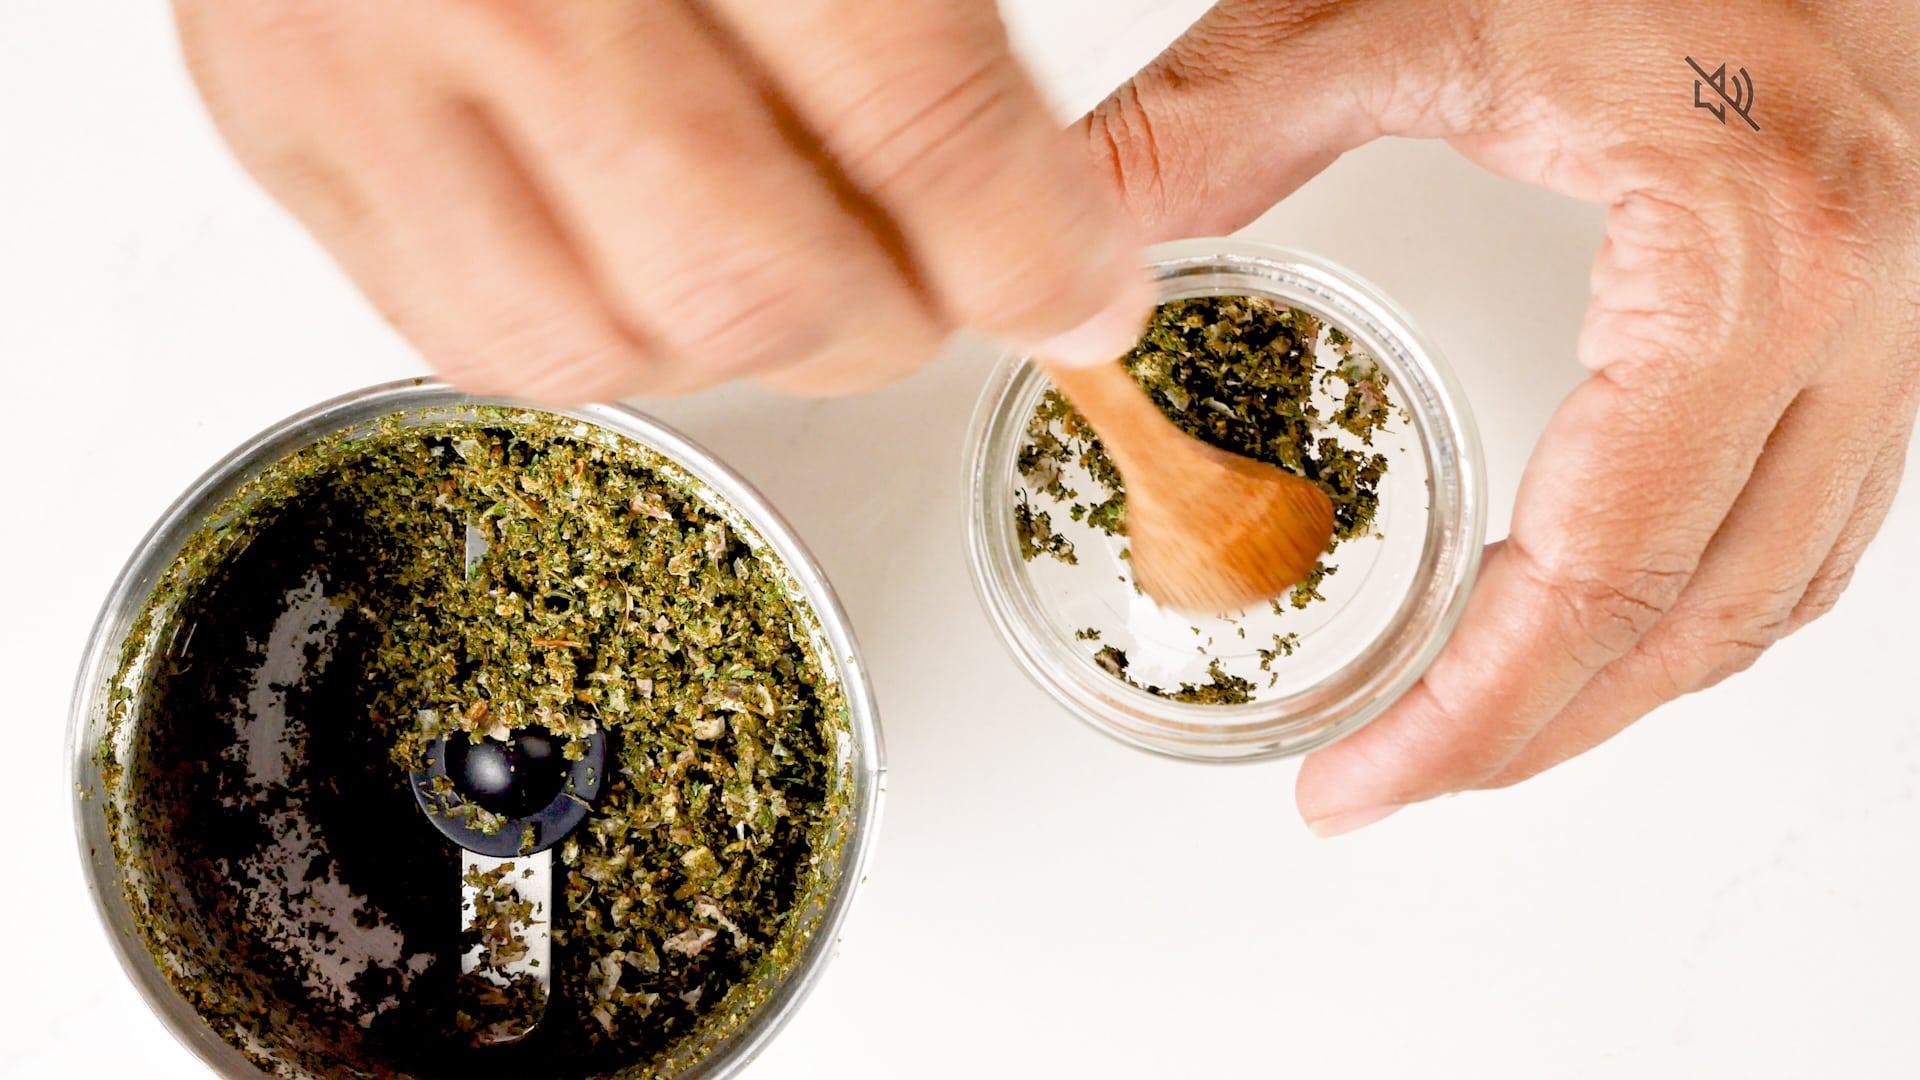 Scooping seasoning from jar